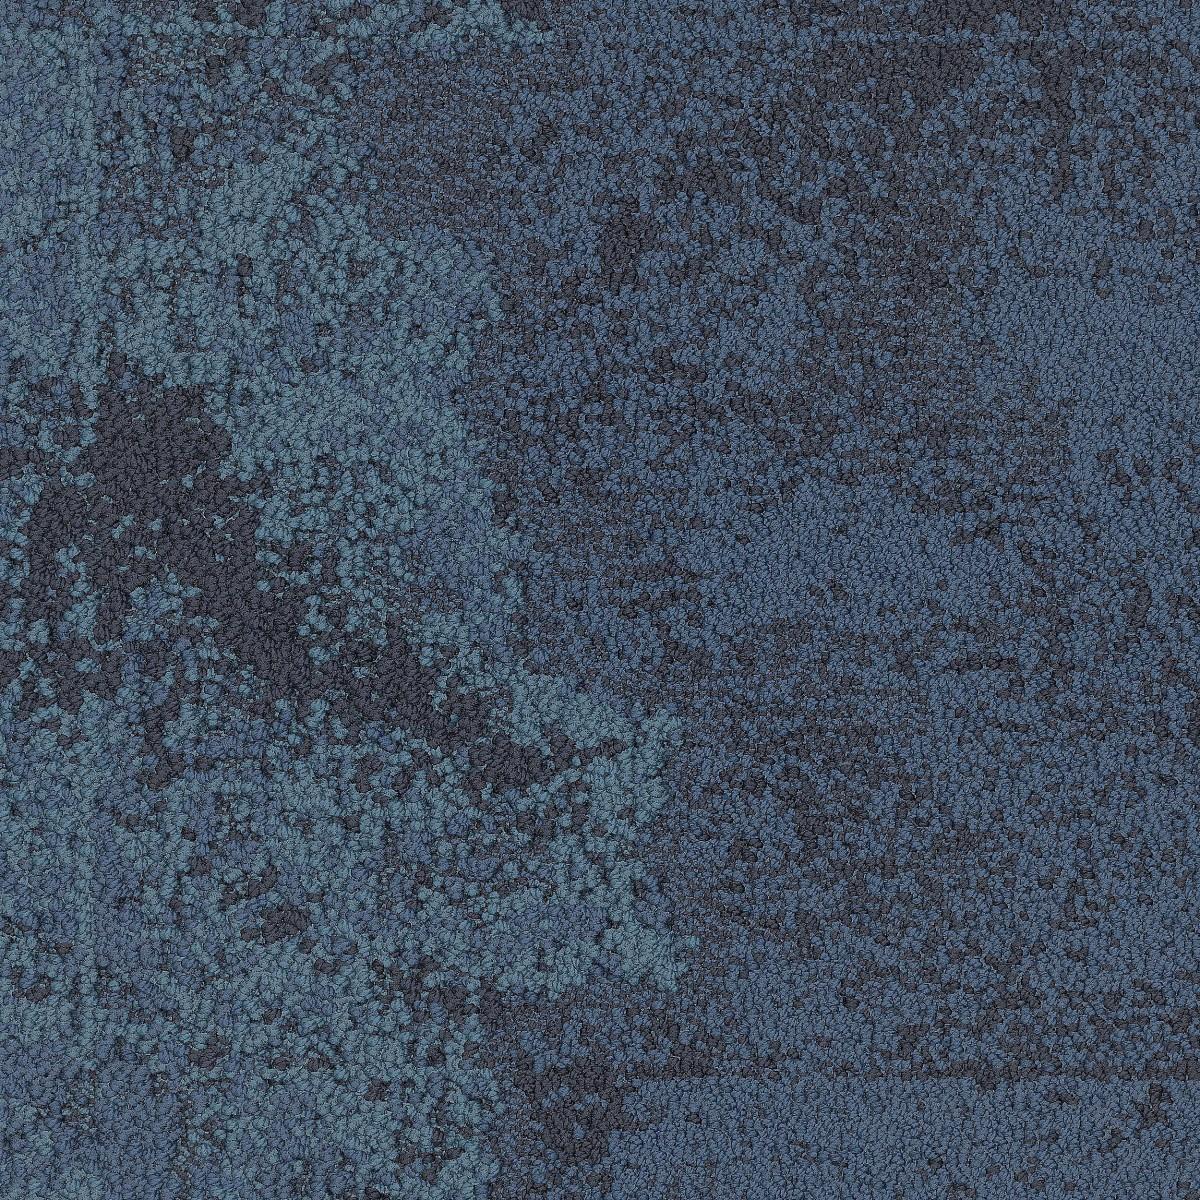 Interface Net Effect B602 Pacific 332914 Net Effect B602